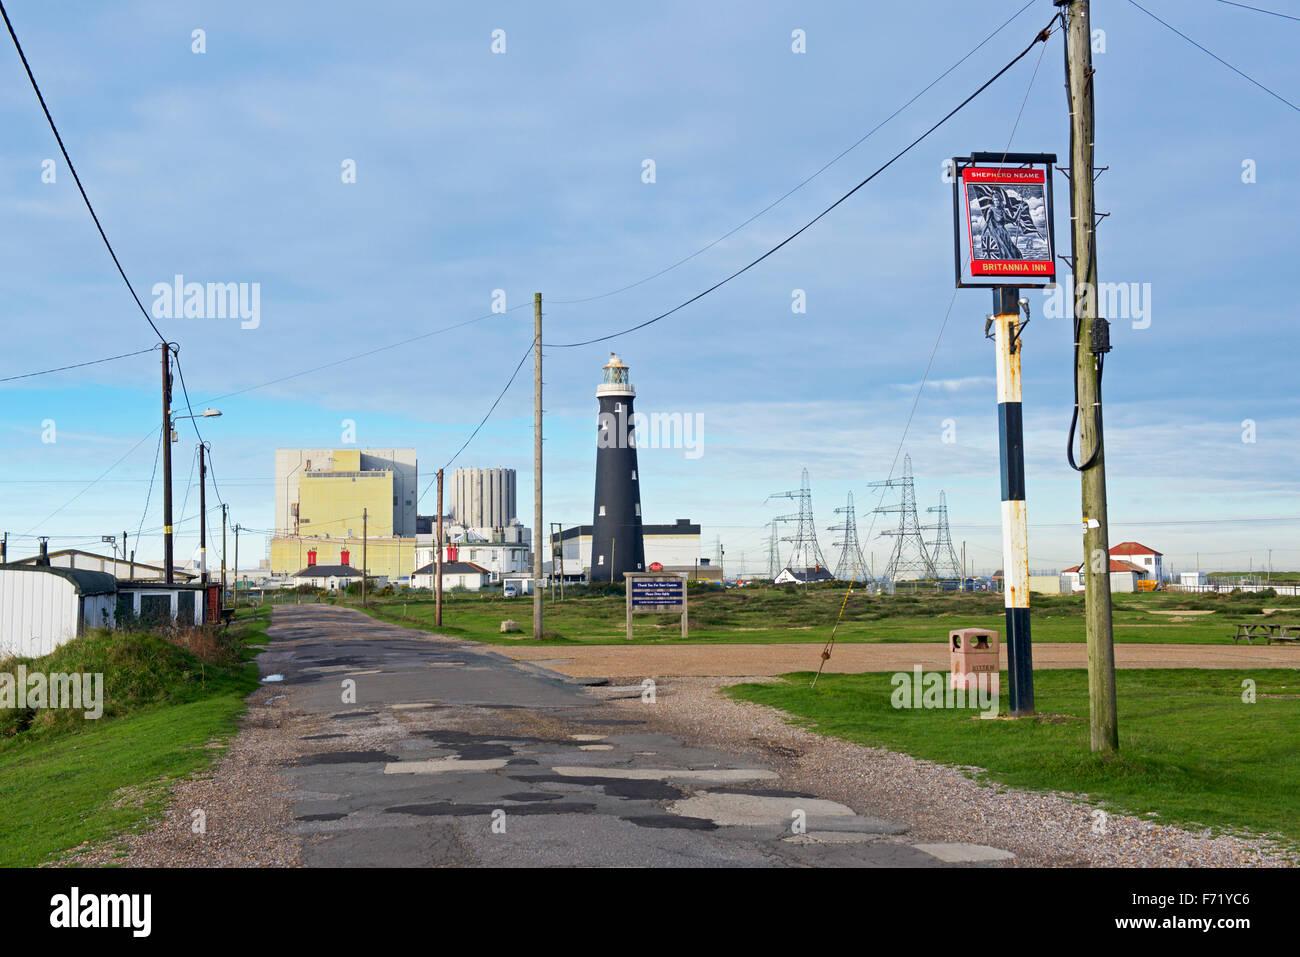 Straße bei Dungeness, führt zu Kernkraftwerk im Hintergrund, Kent, England UK Stockbild